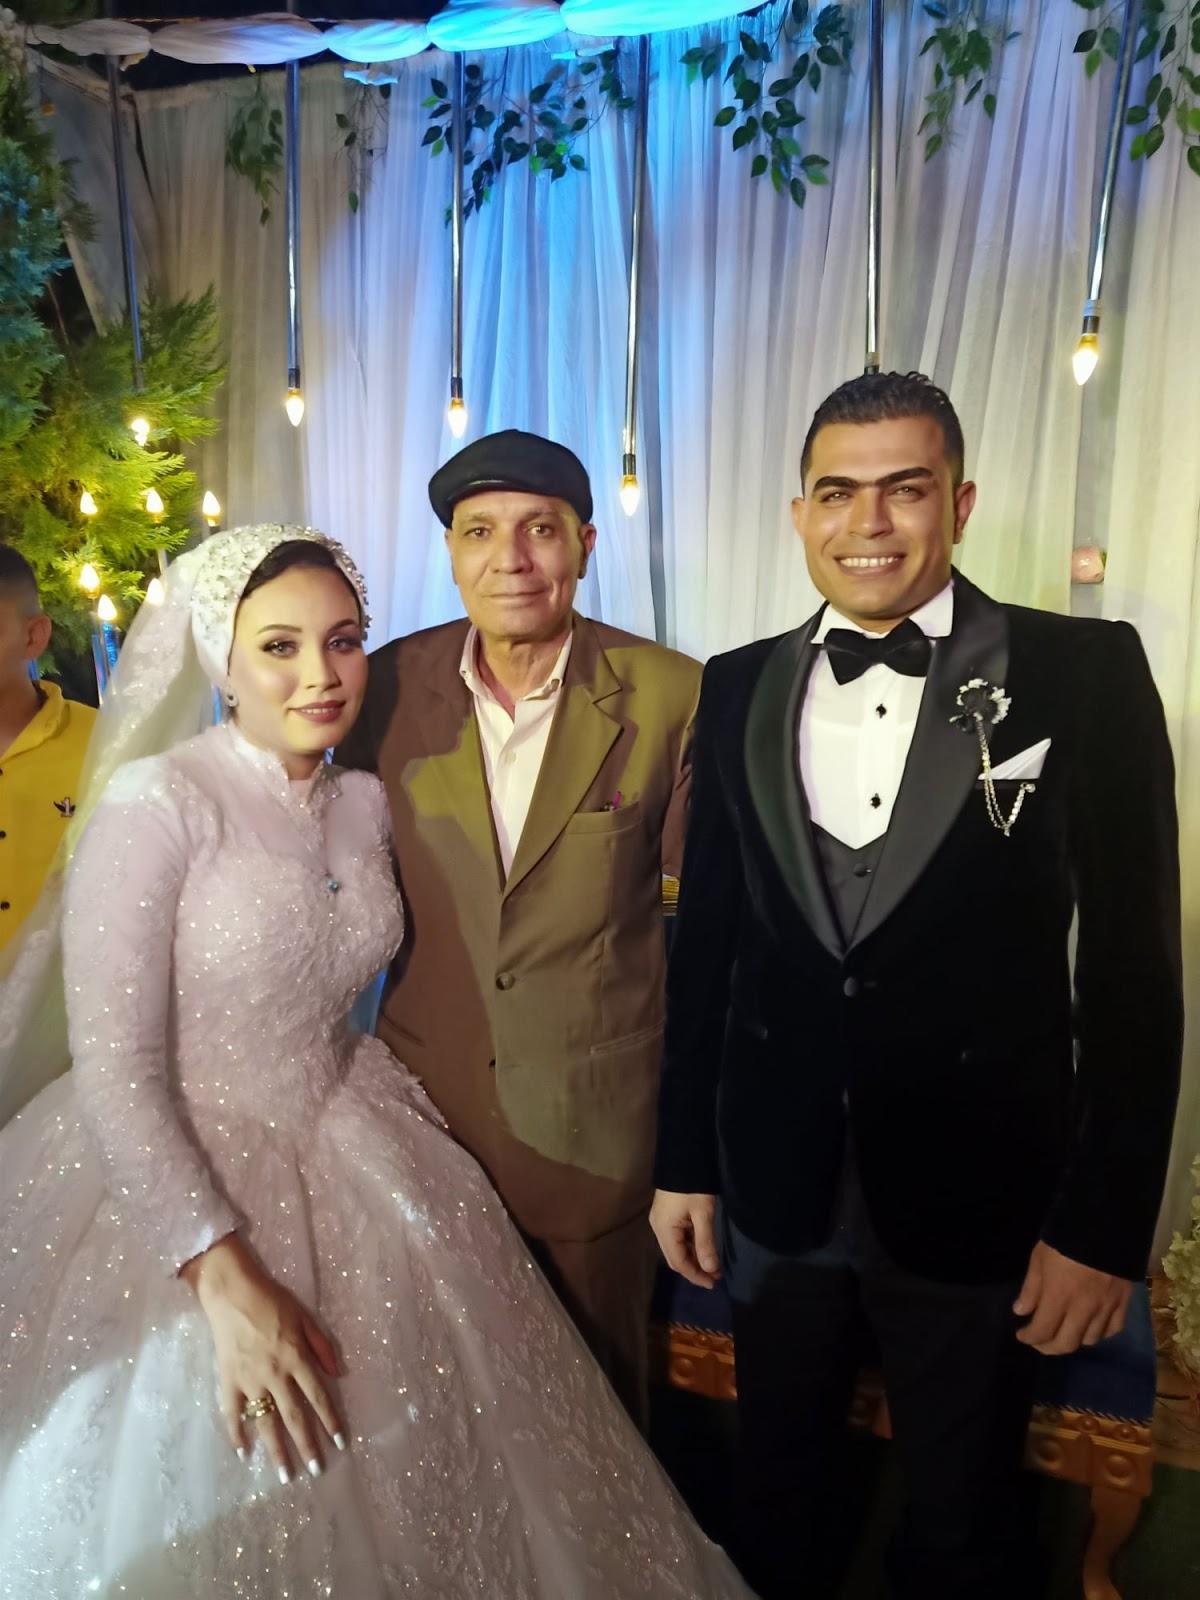 شبكة أسرار نيوز تهنئ عائلات بركات والأشقر بمناسبة حفل زفاف البرنس عبدالله والأميرة جهاد